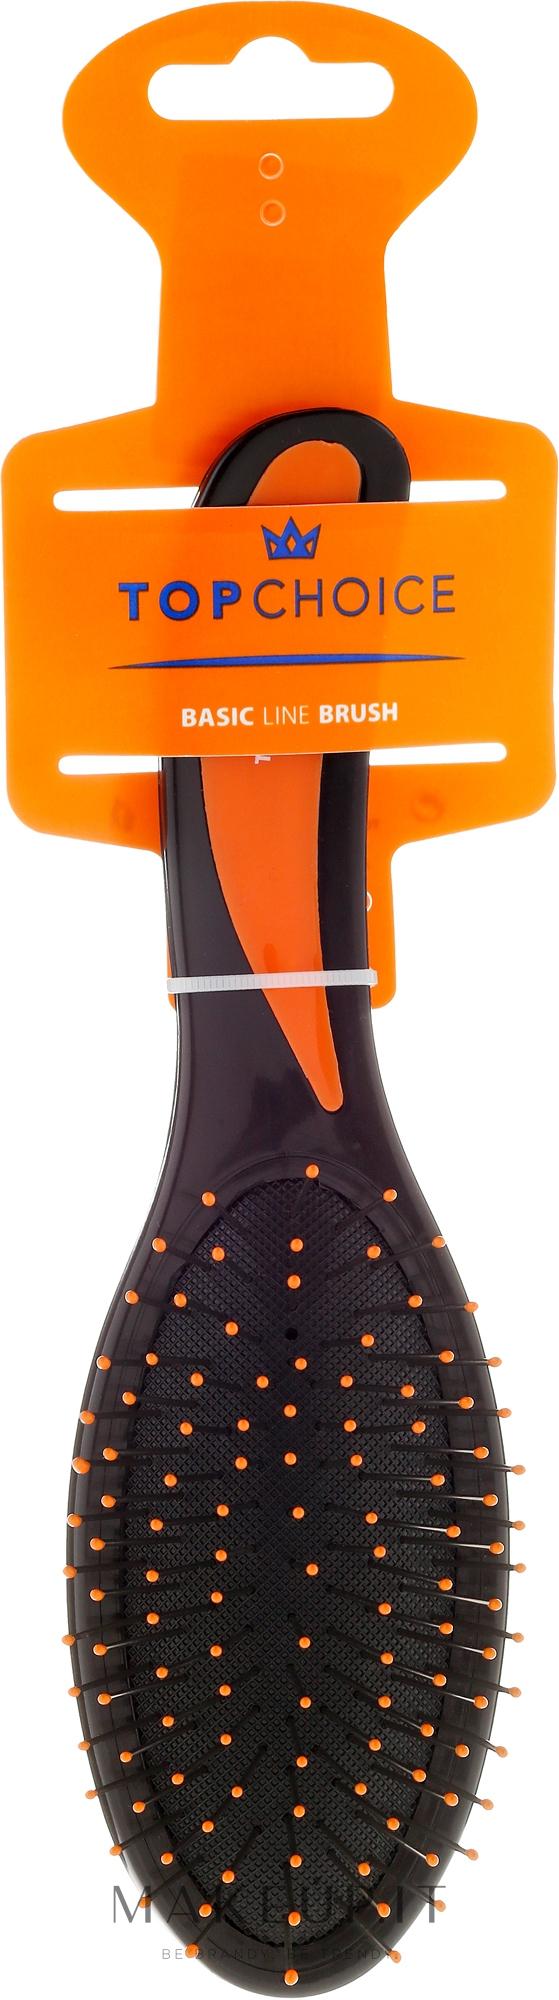 Top Choice - Spazzola per capelli, nero-arancione, 2731 ...